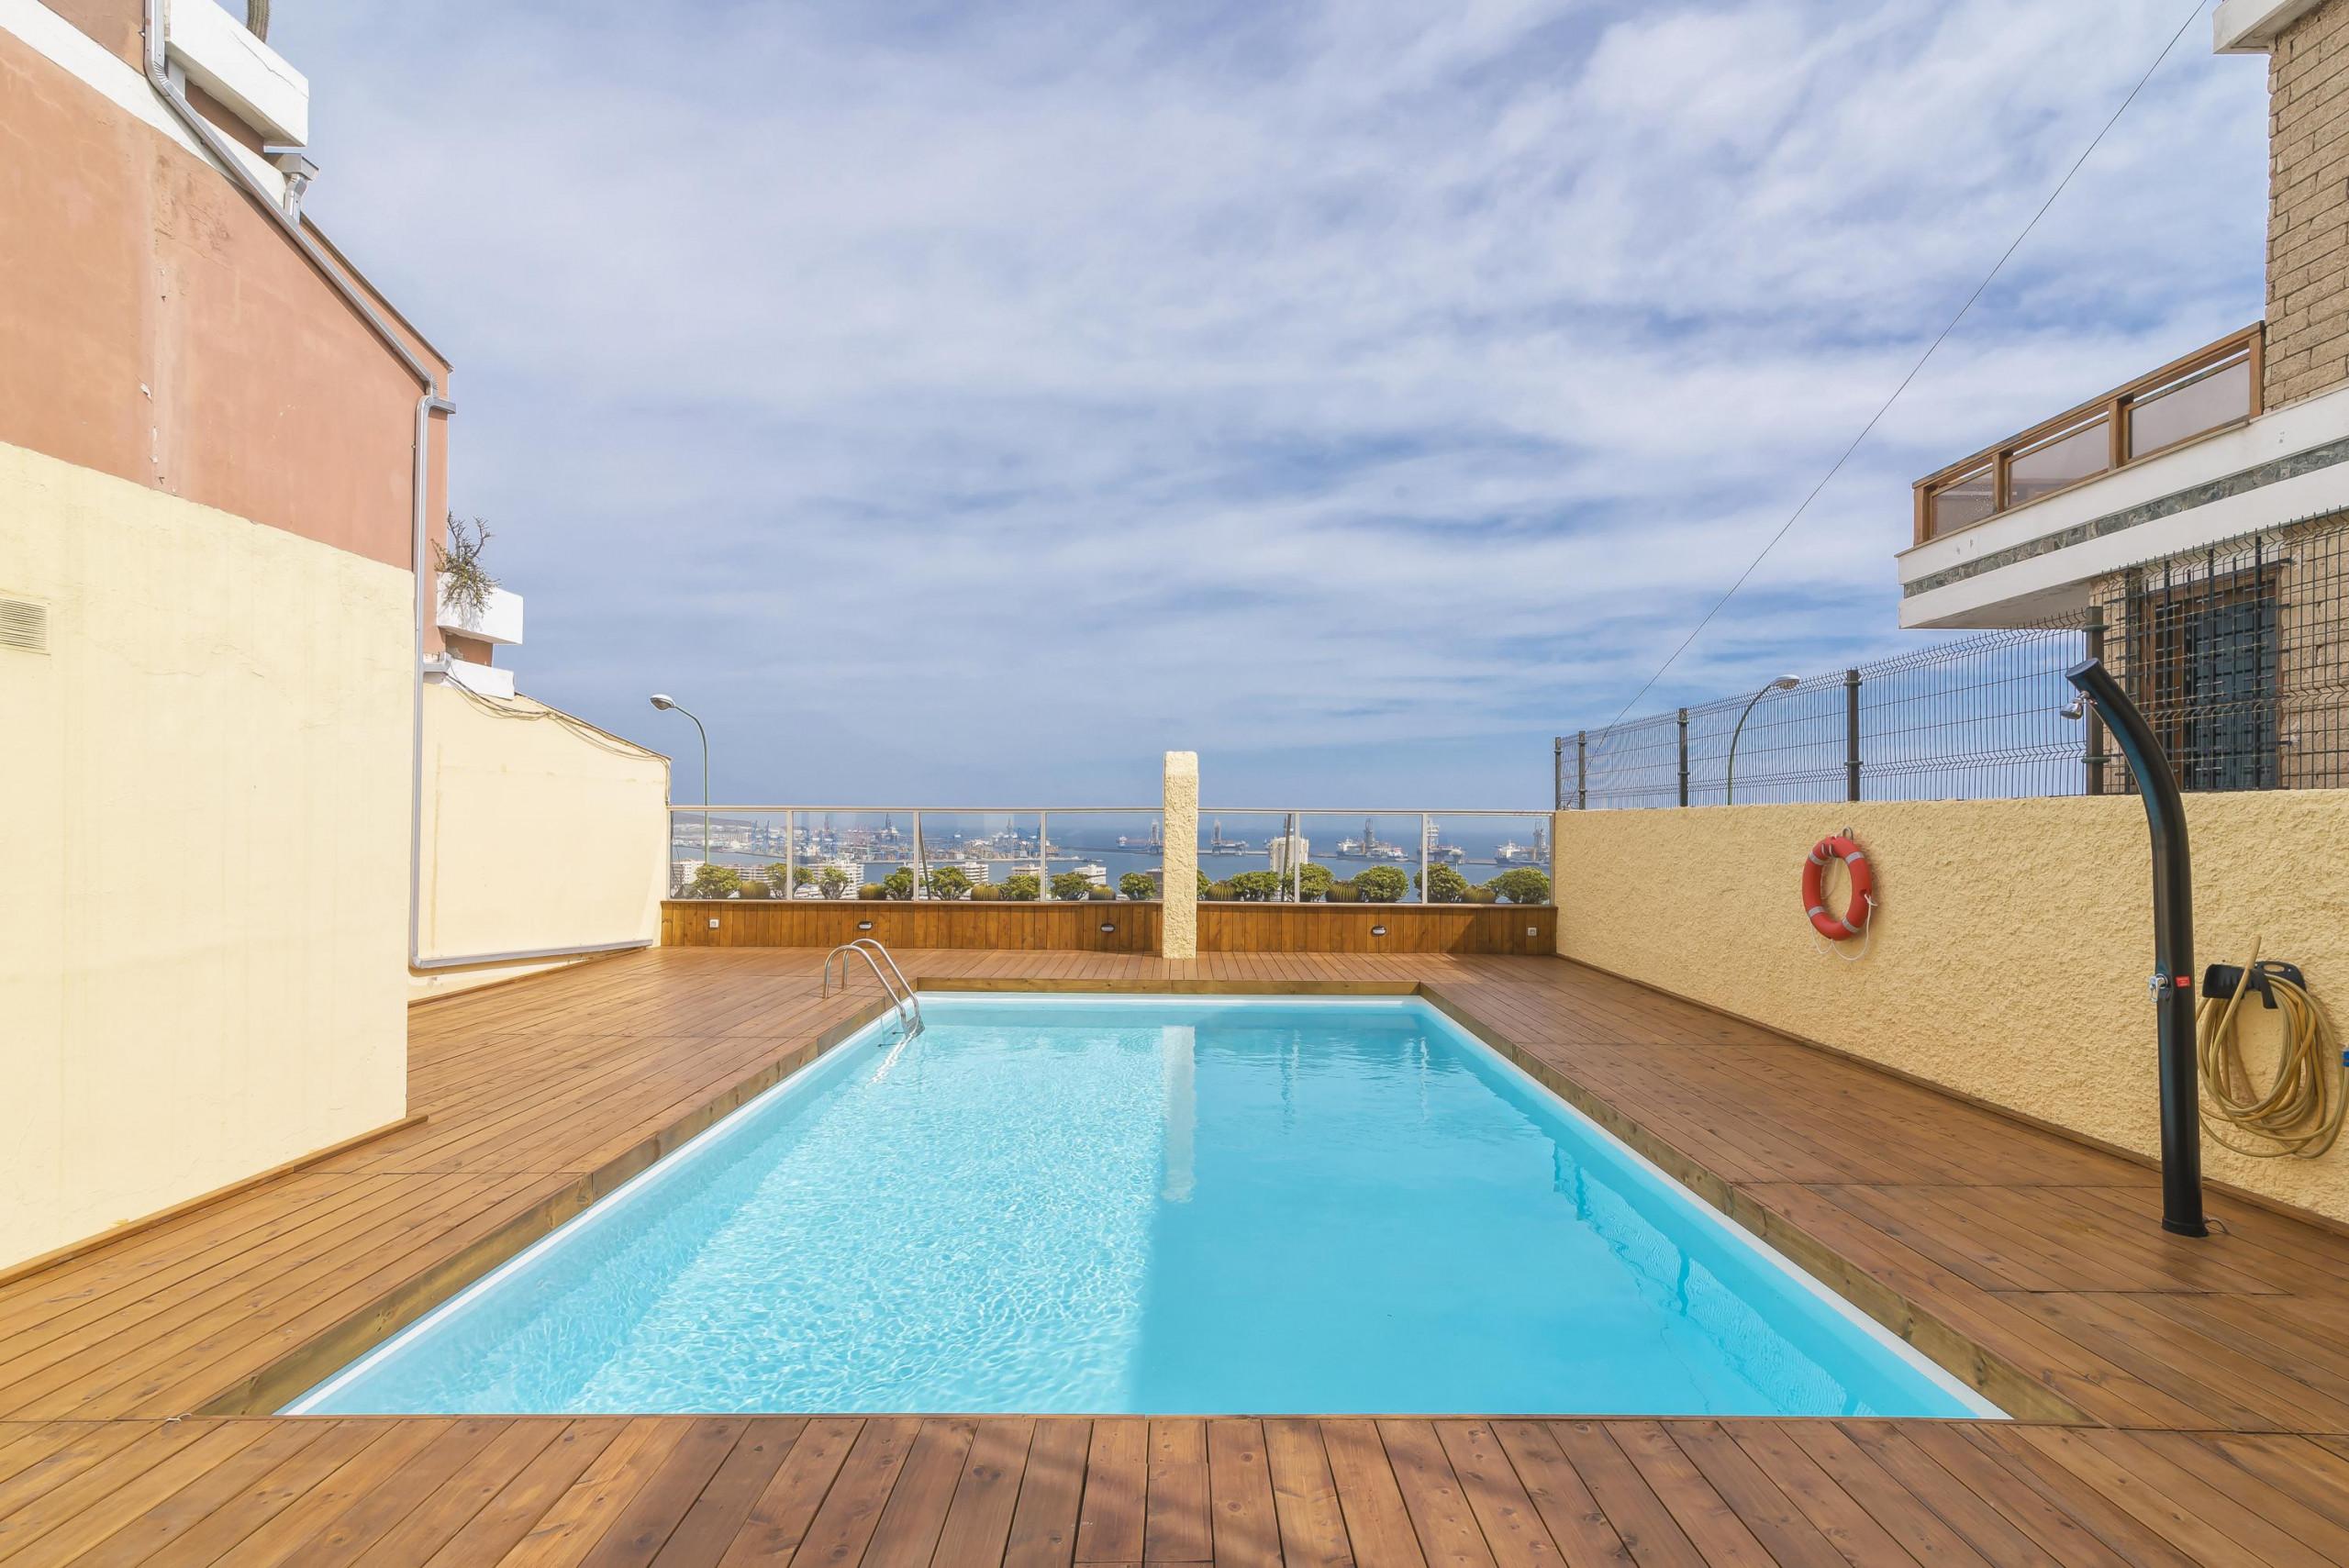 Apartamentos en las palmas de gran canaria gran apartamento con piscina y magn ficas vistas - Piscina las palmas de gran canaria ...